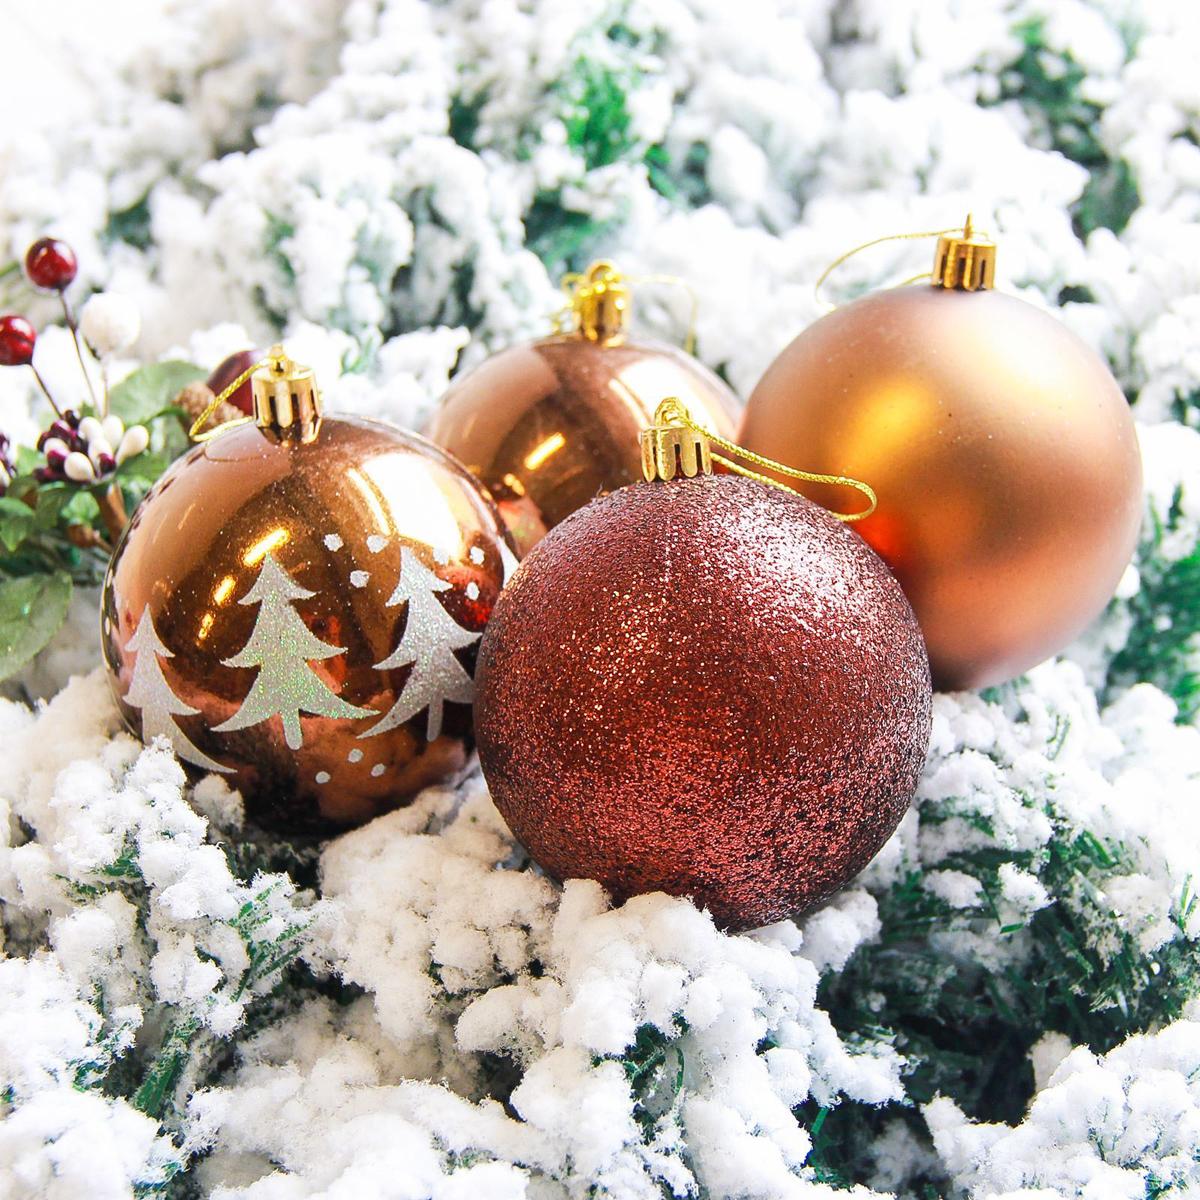 Набор новогодних подвесных украшений Sima-land Елочки, диаметр 8 см, 6 шт. 21782812178281Набор новогодних подвесных украшений Sima-land отлично подойдет для декорации вашего дома и новогодней ели. С помощью специальной петельки украшение можно повесить в любом понравившемся вам месте. Но, конечно, удачнее всего оно будет смотреться на праздничной елке. Елочная игрушка - символ Нового года. Она несет в себе волшебство и красоту праздника. Создайте в своем доме атмосферу веселья и радости, украшая новогоднюю елку нарядными игрушками, которые будут из года в год накапливать теплоту воспоминаний.